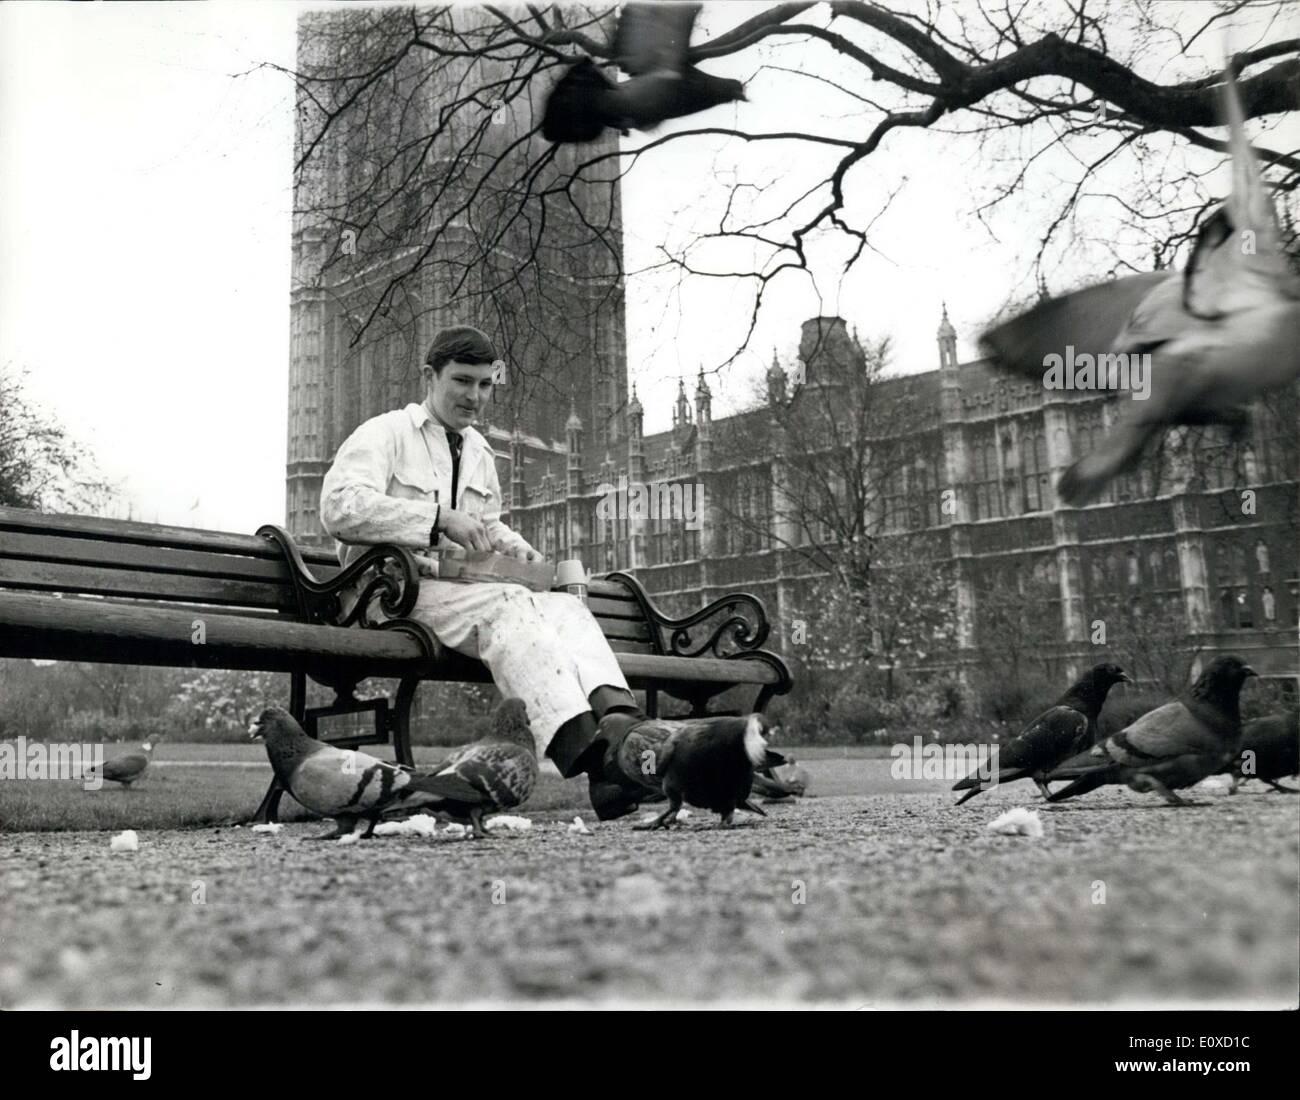 Apr  13, 1966 - Applying Bird Repellent at Parliament : A